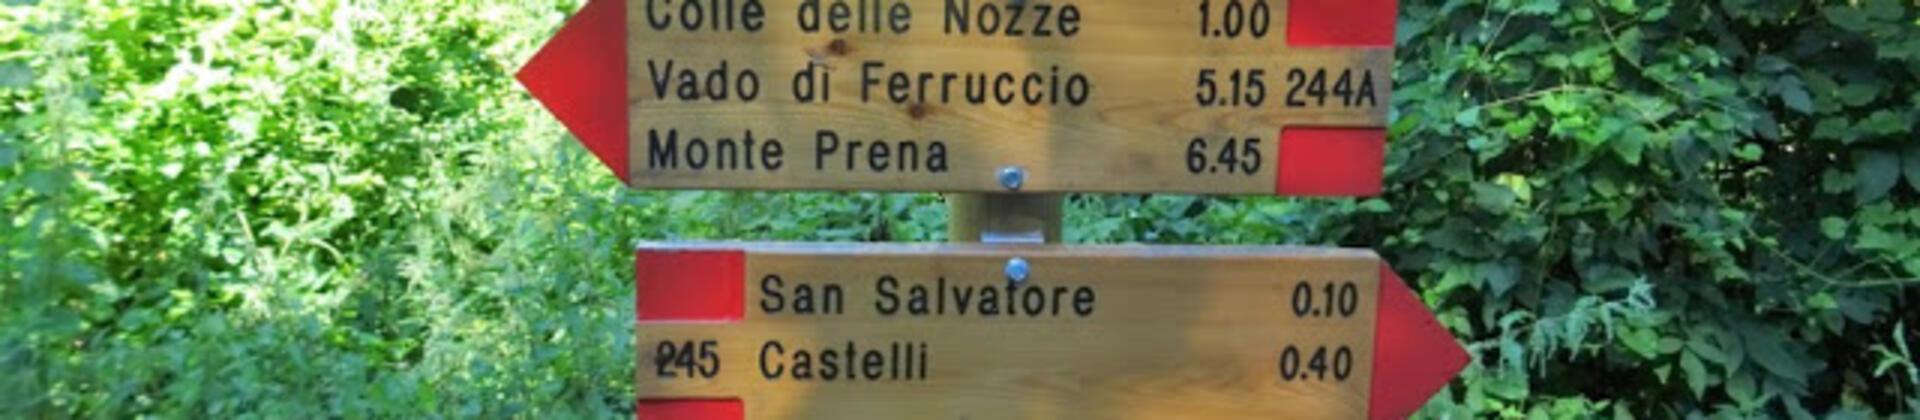 Escursioni in Abruzzo partendo da Roseto degli Abruzzi